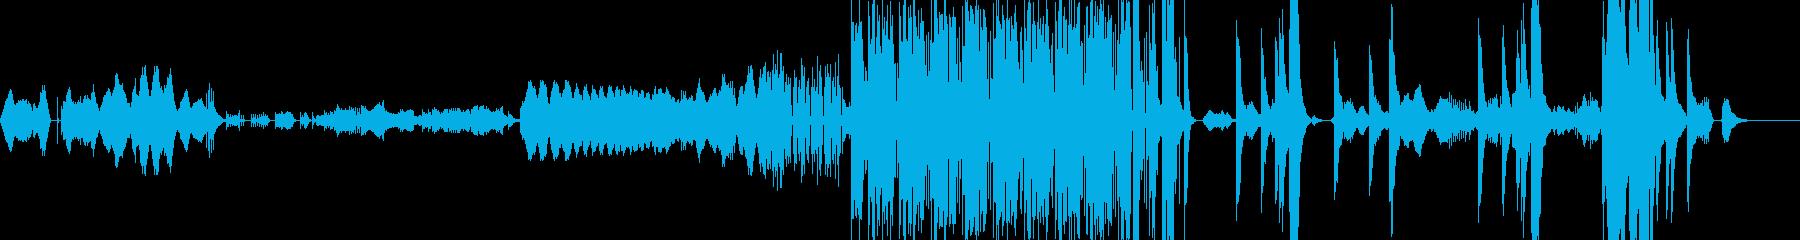 打楽器を中心とした3曲のアンサンブルの再生済みの波形